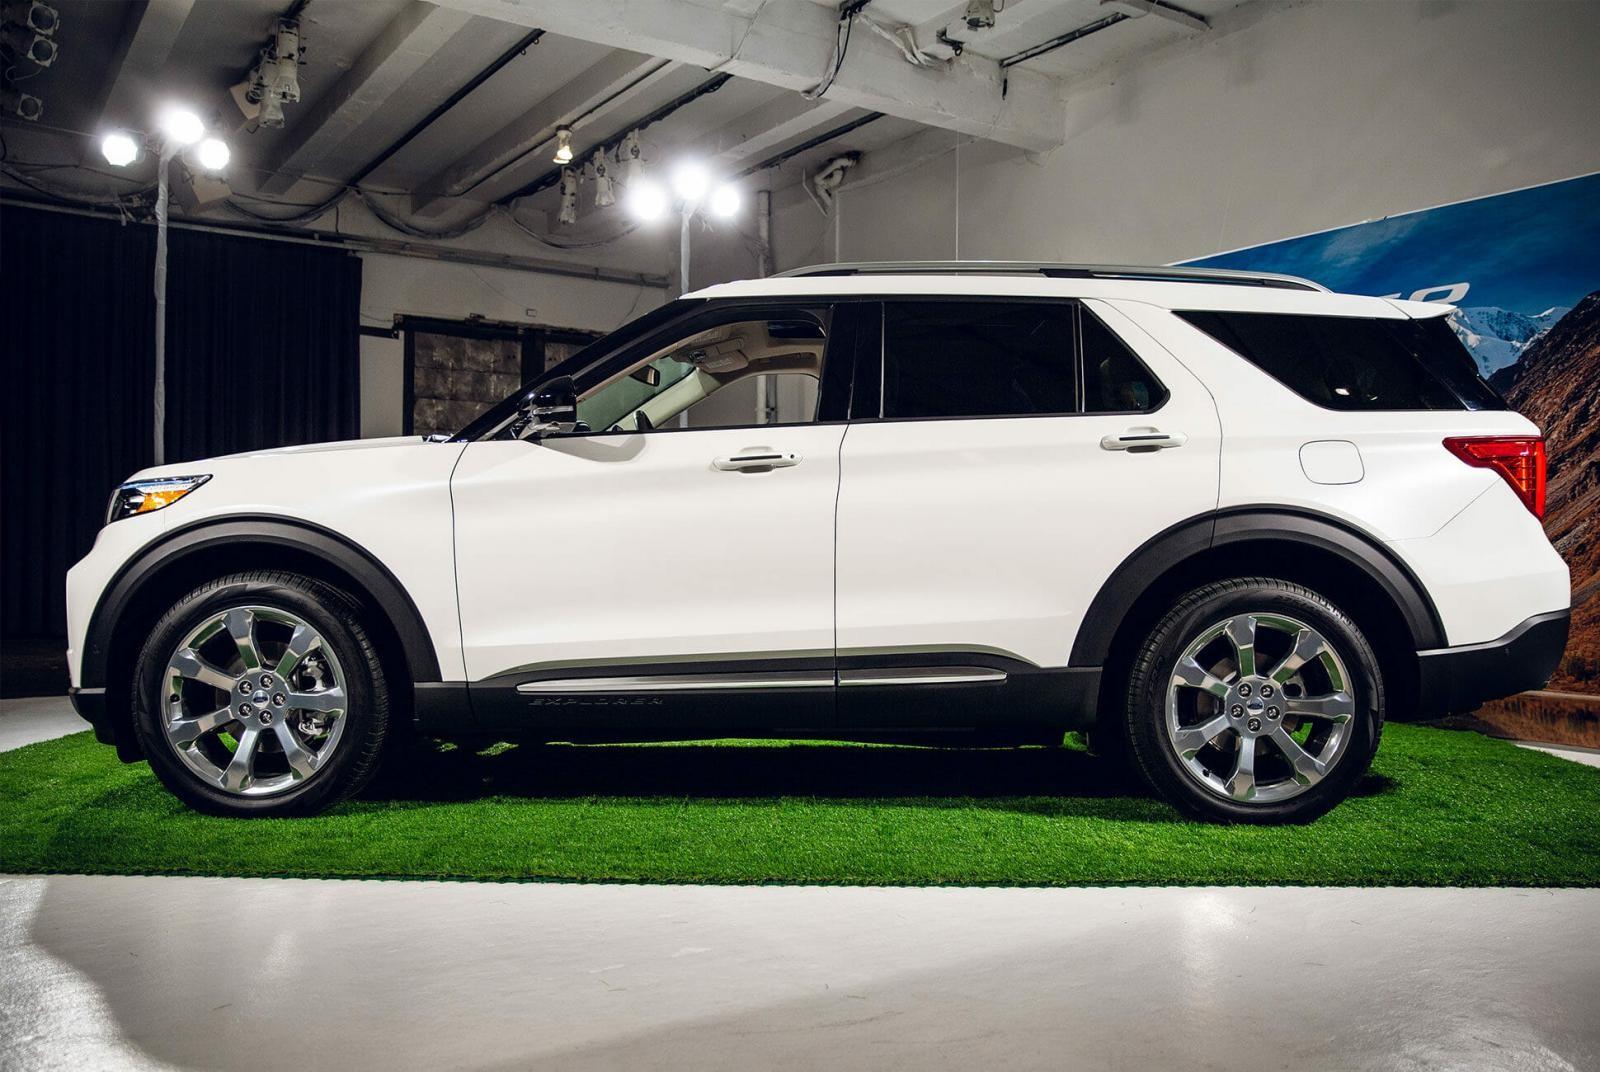 Sườn xe của Ford Explorer 2020 đã được cải tiến nhưng vẫn tạo cảm giác quen thuộc